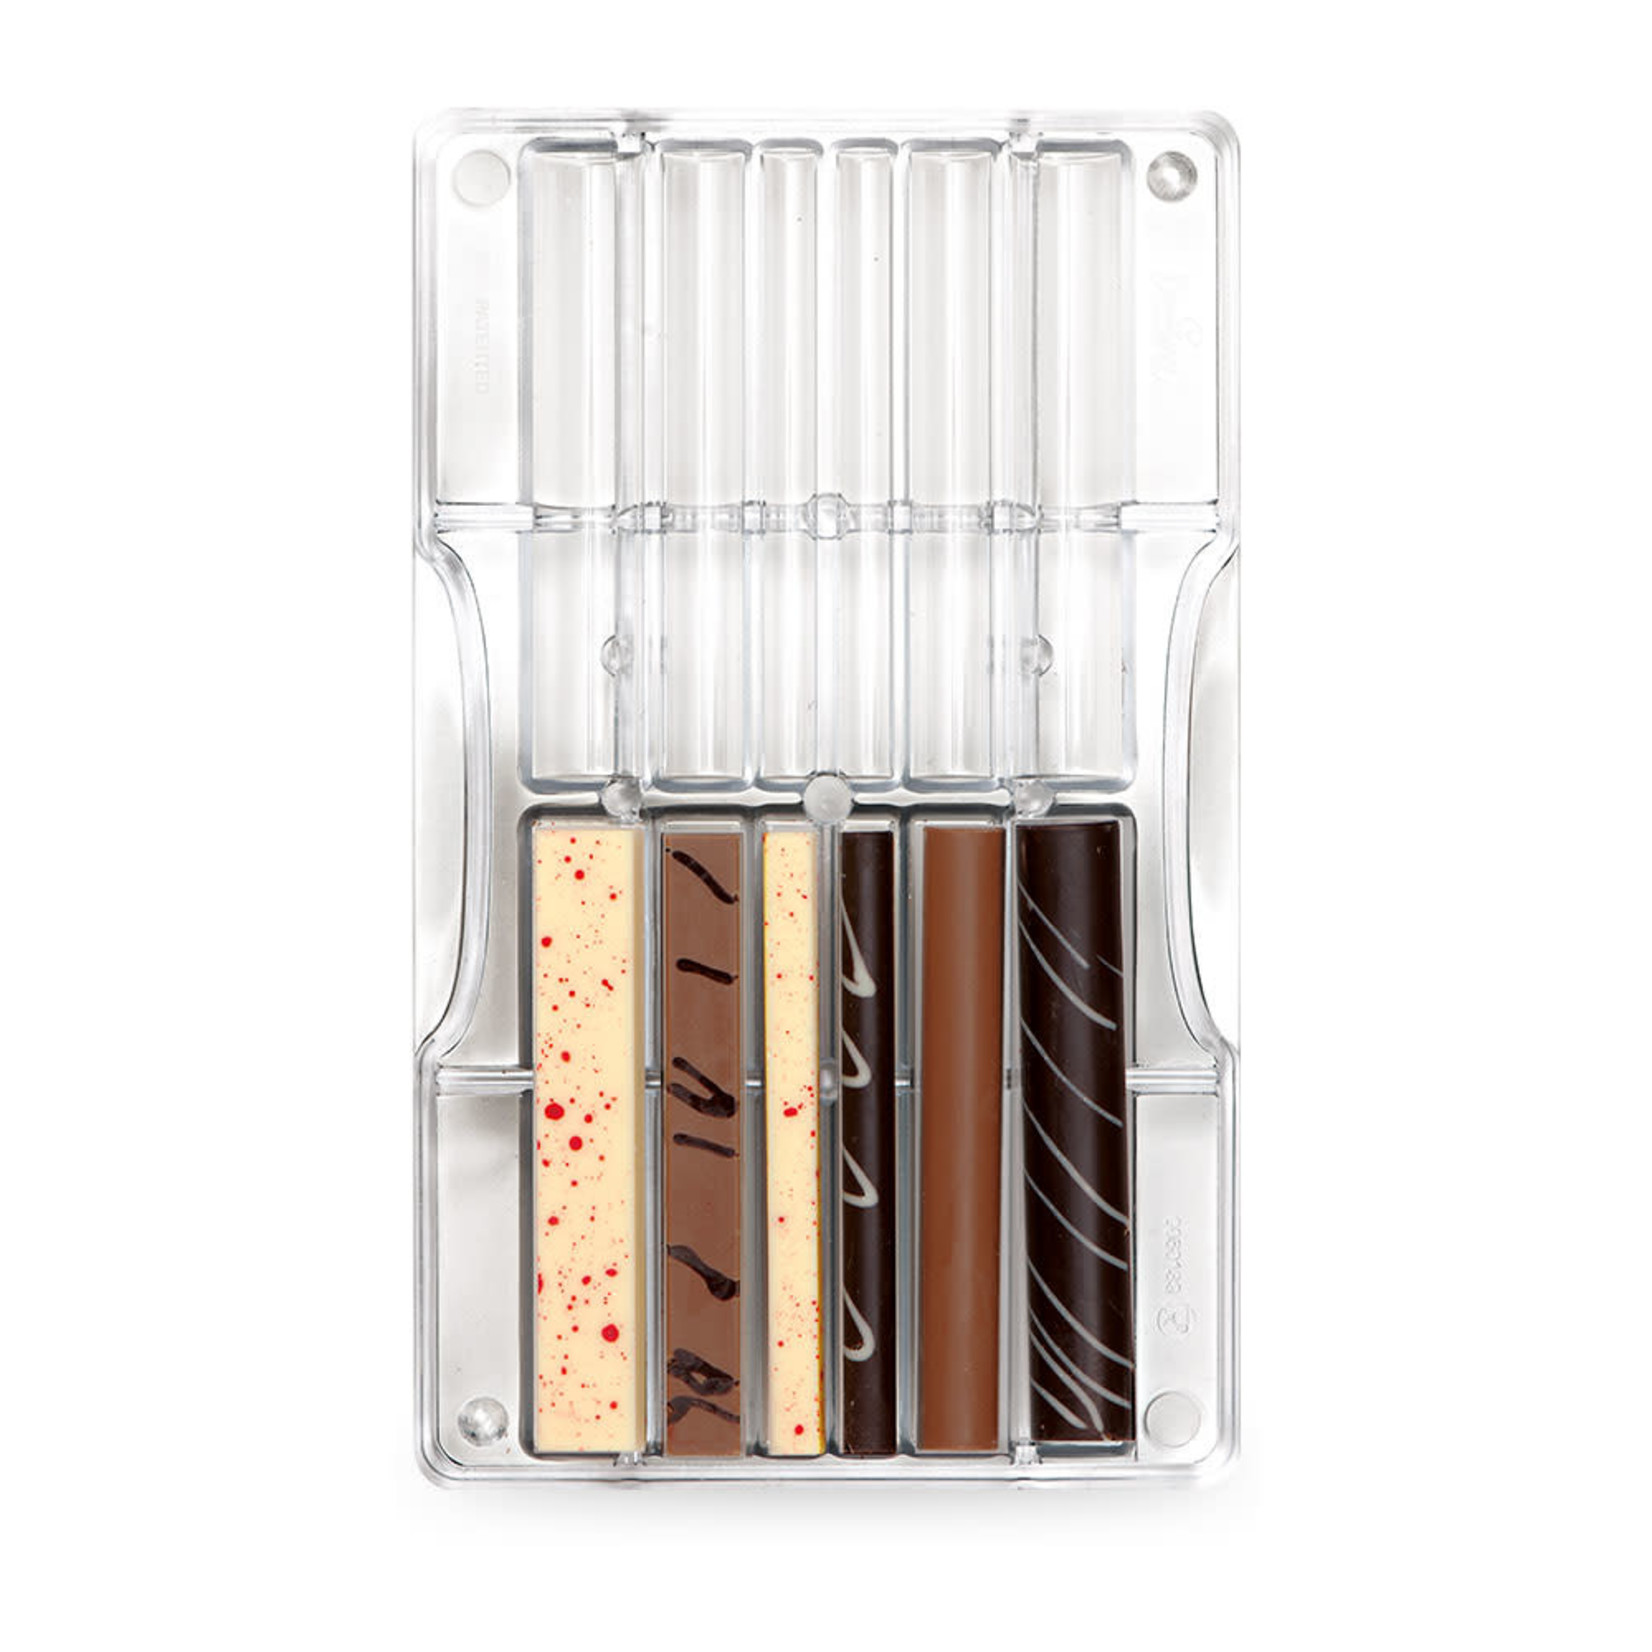 Decora Chocoladevorm polycarbonaat stokjes en balkjes